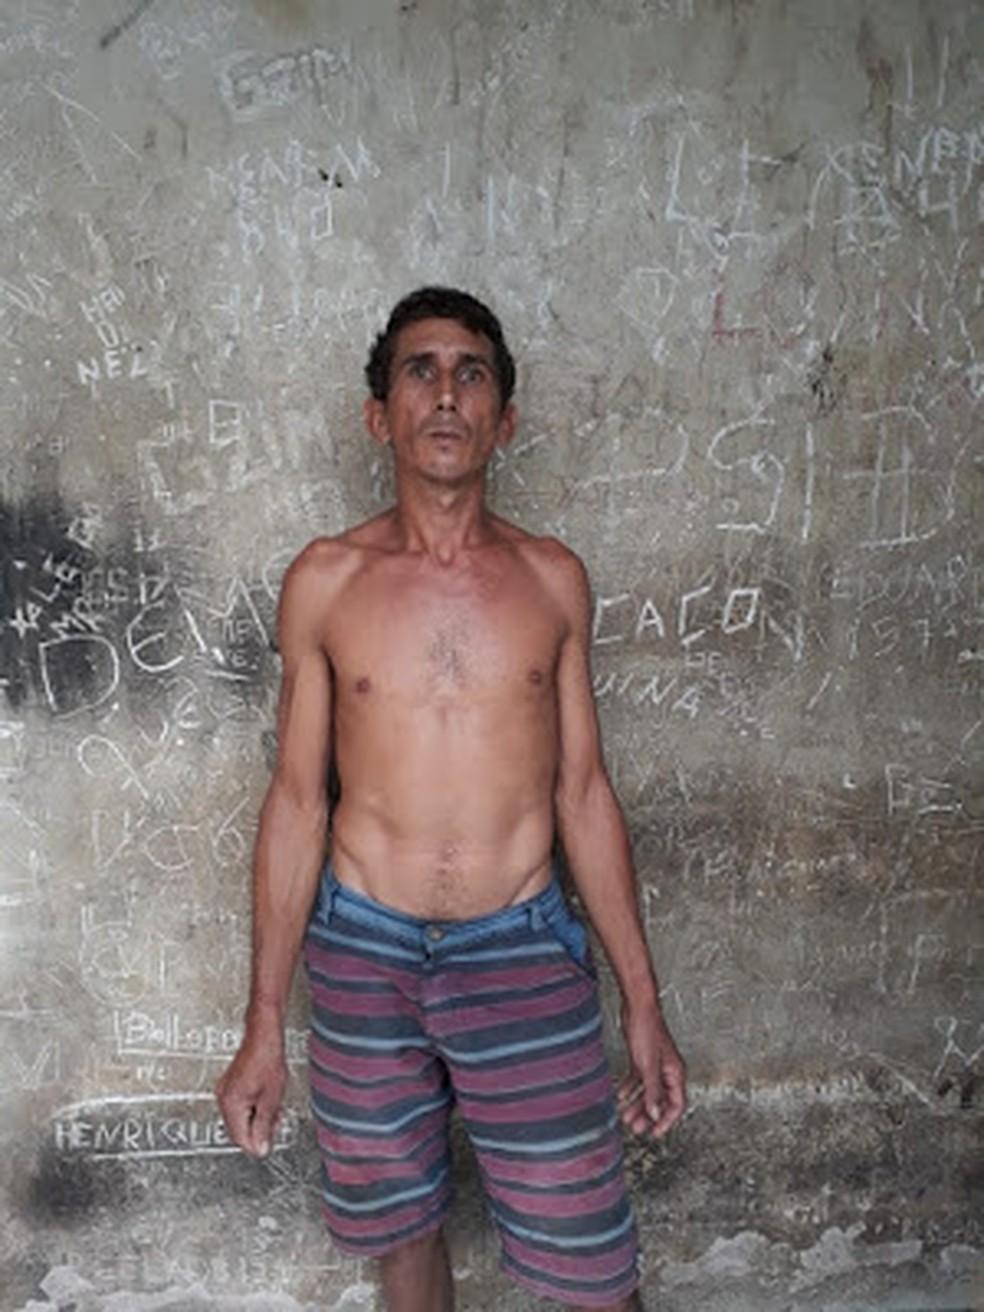 Antônio de Deus Almeida do Rego foi autuado pela tentativa de feminicídio — Foto: Divulgação/Polícia